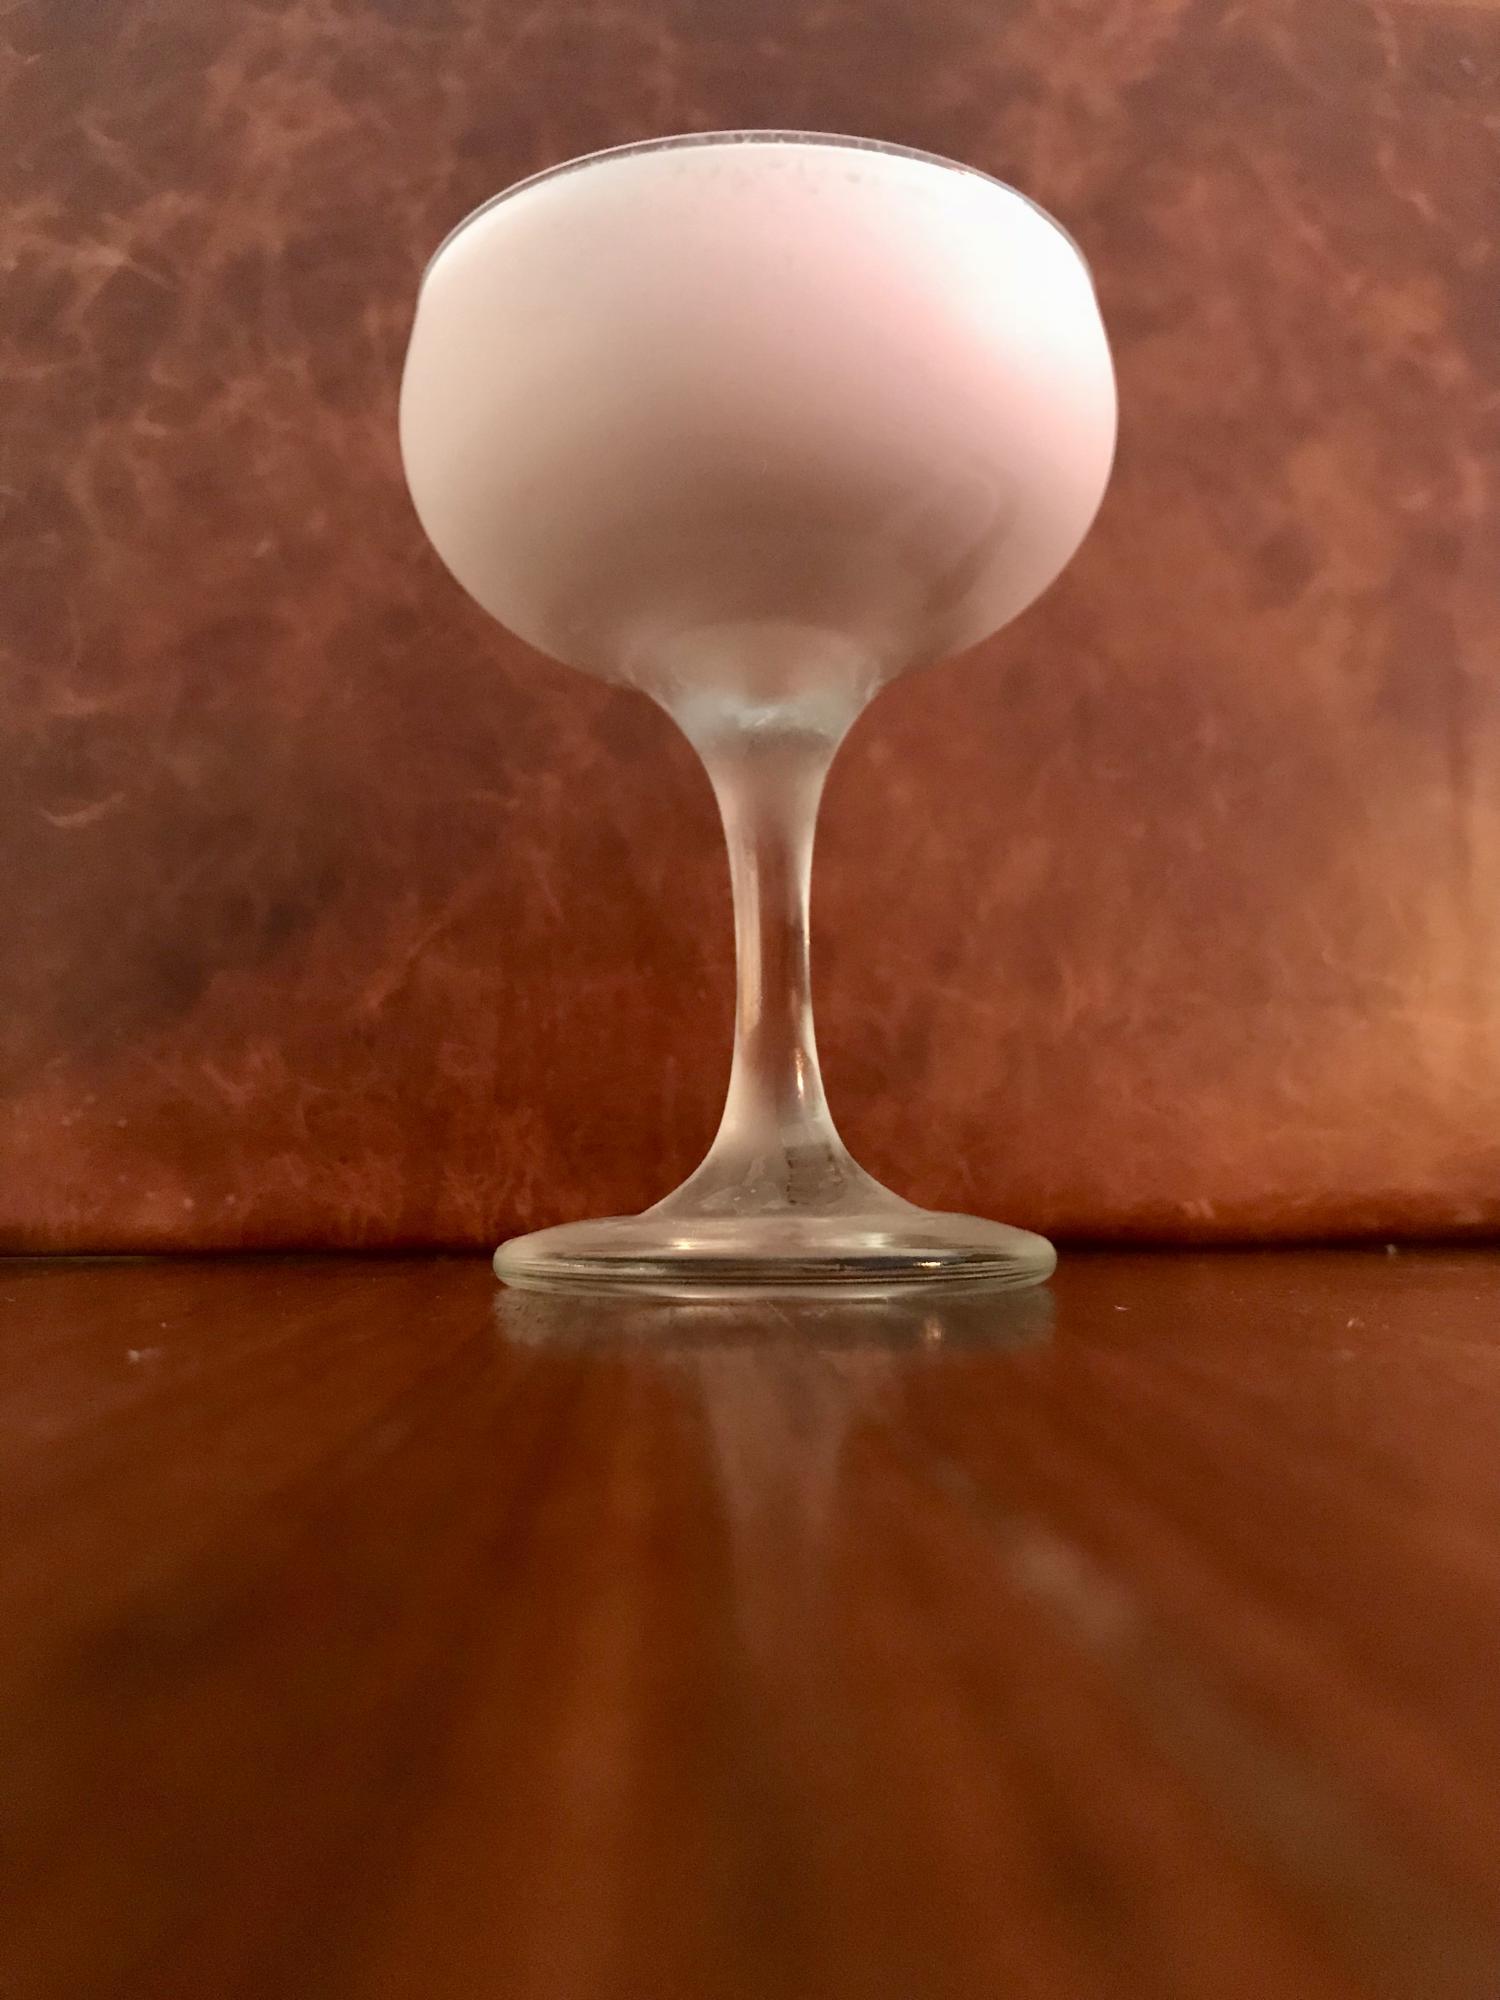 Recept Belmont - Gin, grädde & grenadine - Gräddigt behöver inte vara barnsligt